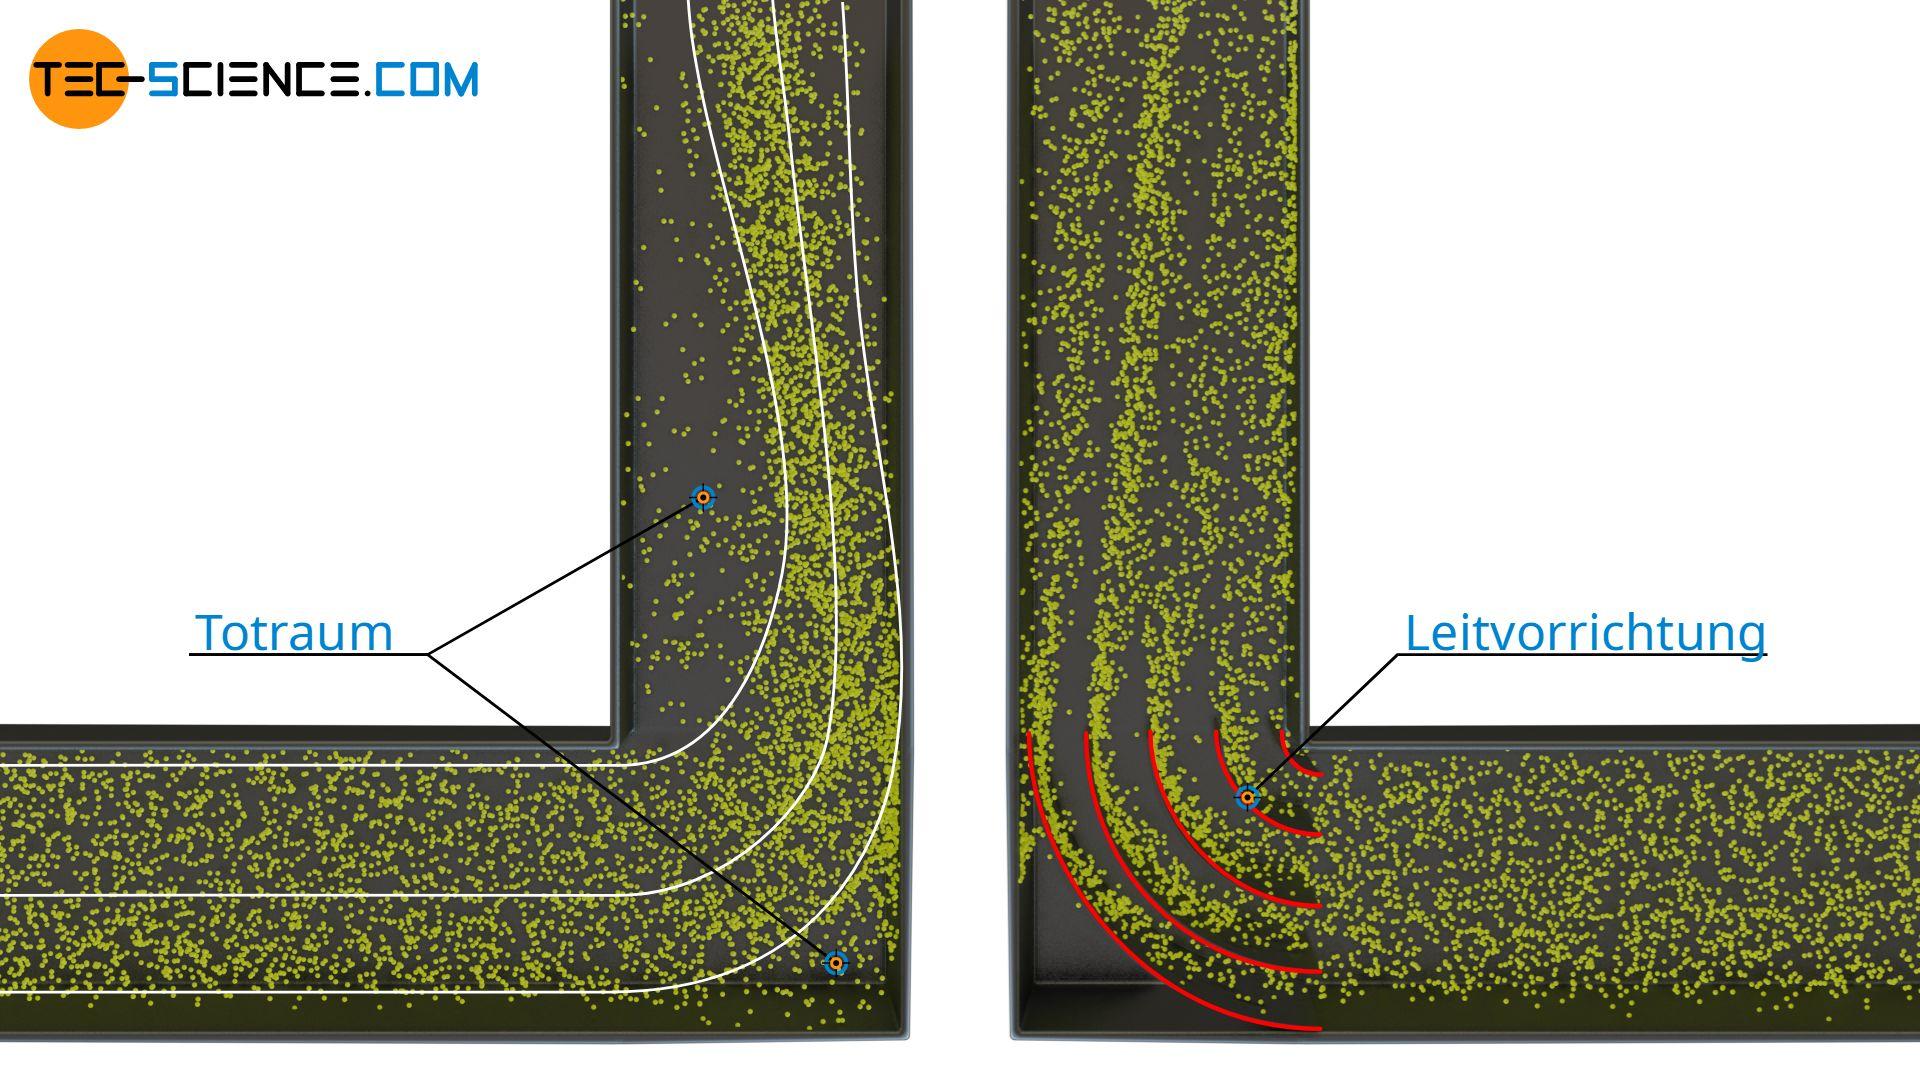 oträume einer Rohrströmung aufgrund von Strömungsablösungen